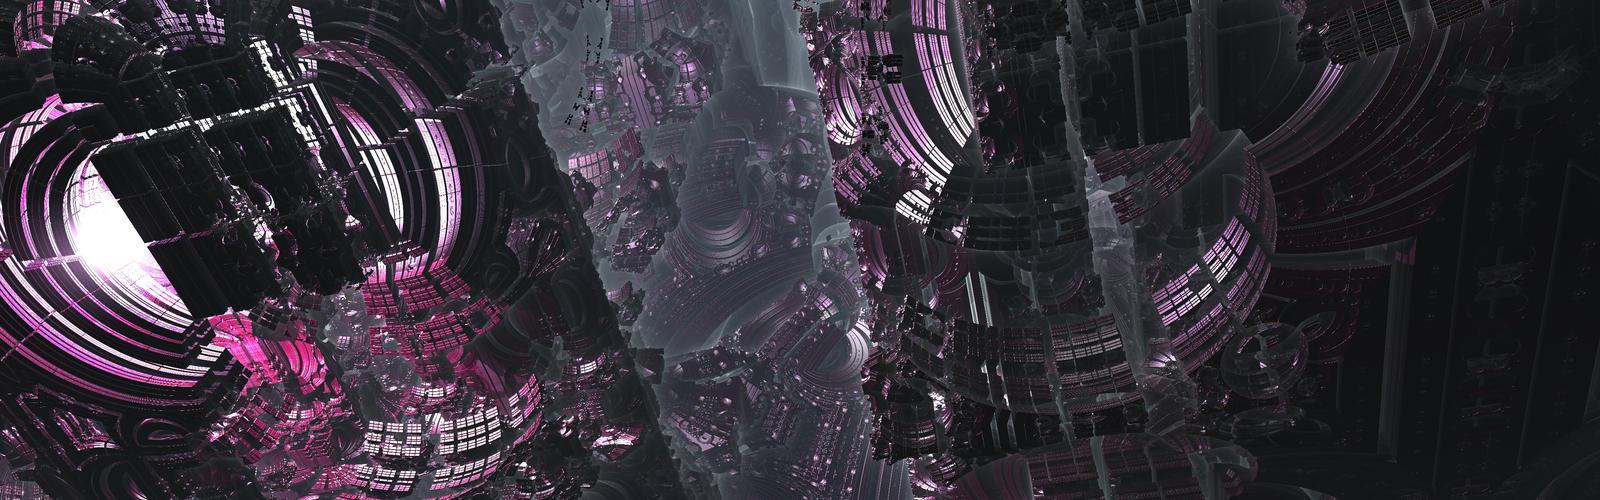 Violet City by Smyf